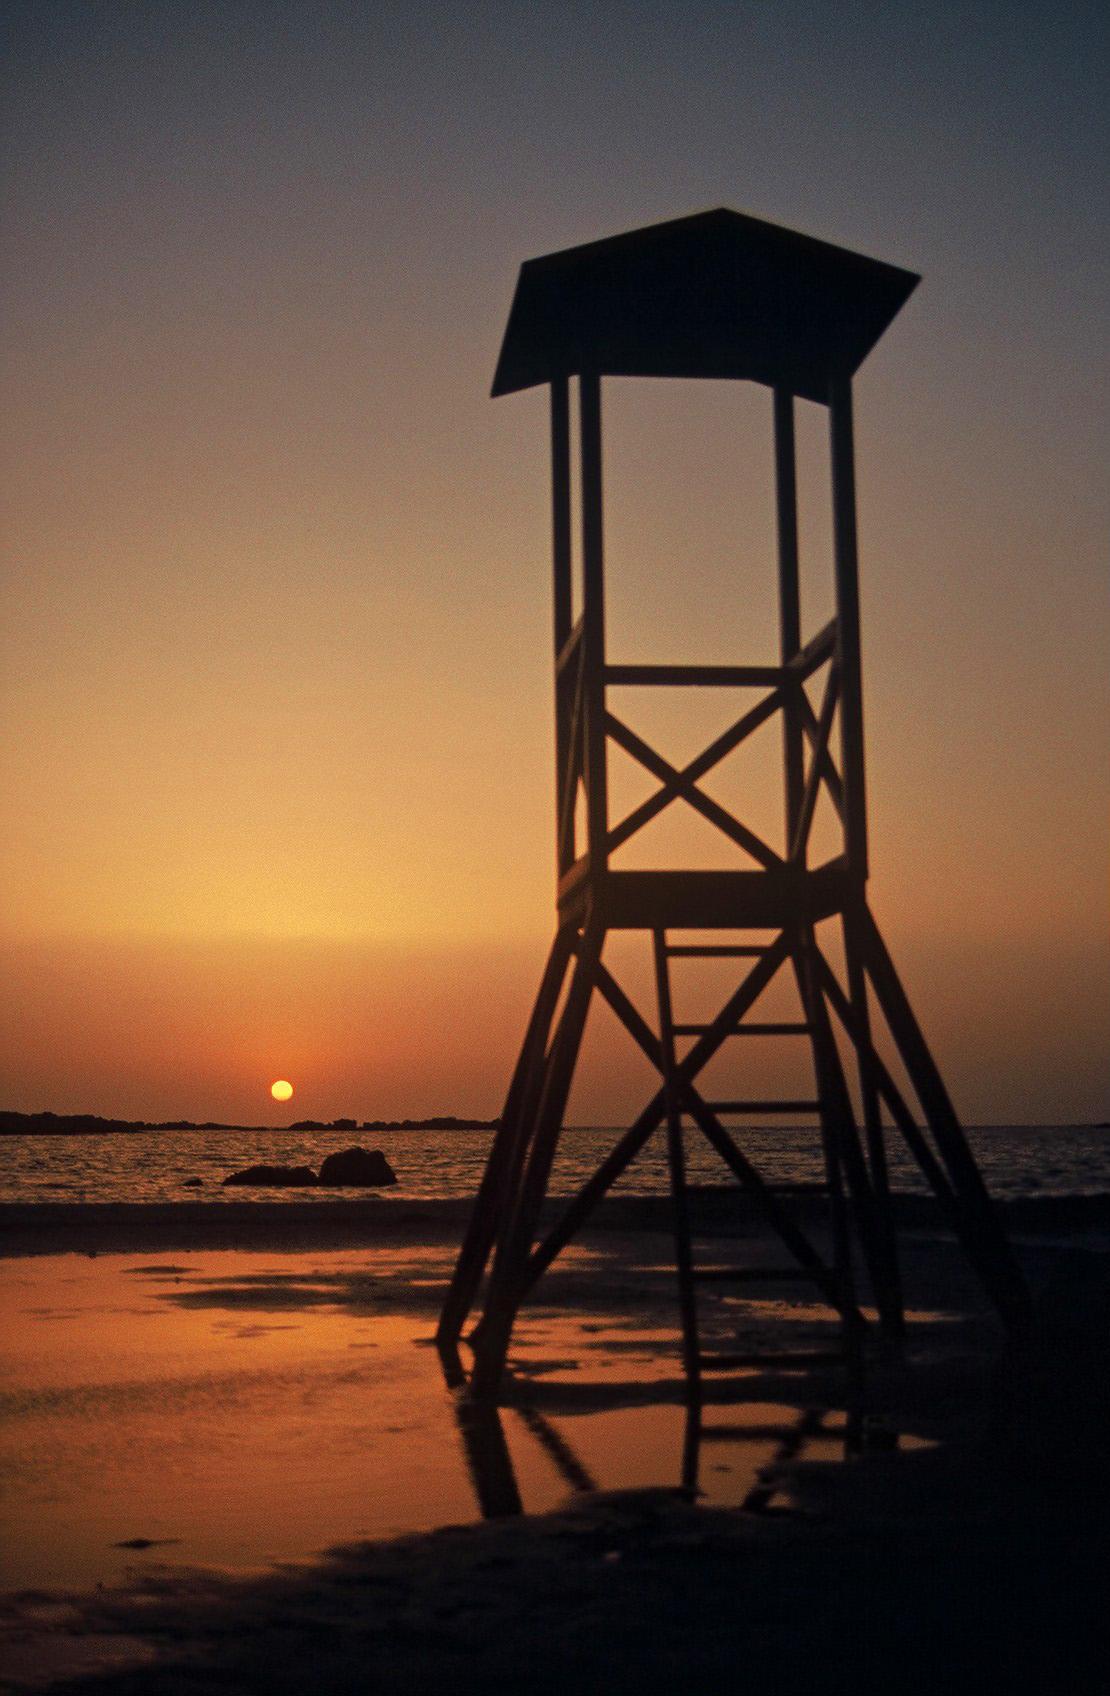 Lifeguard, beach, sea, sunset, lifeguard, constrast